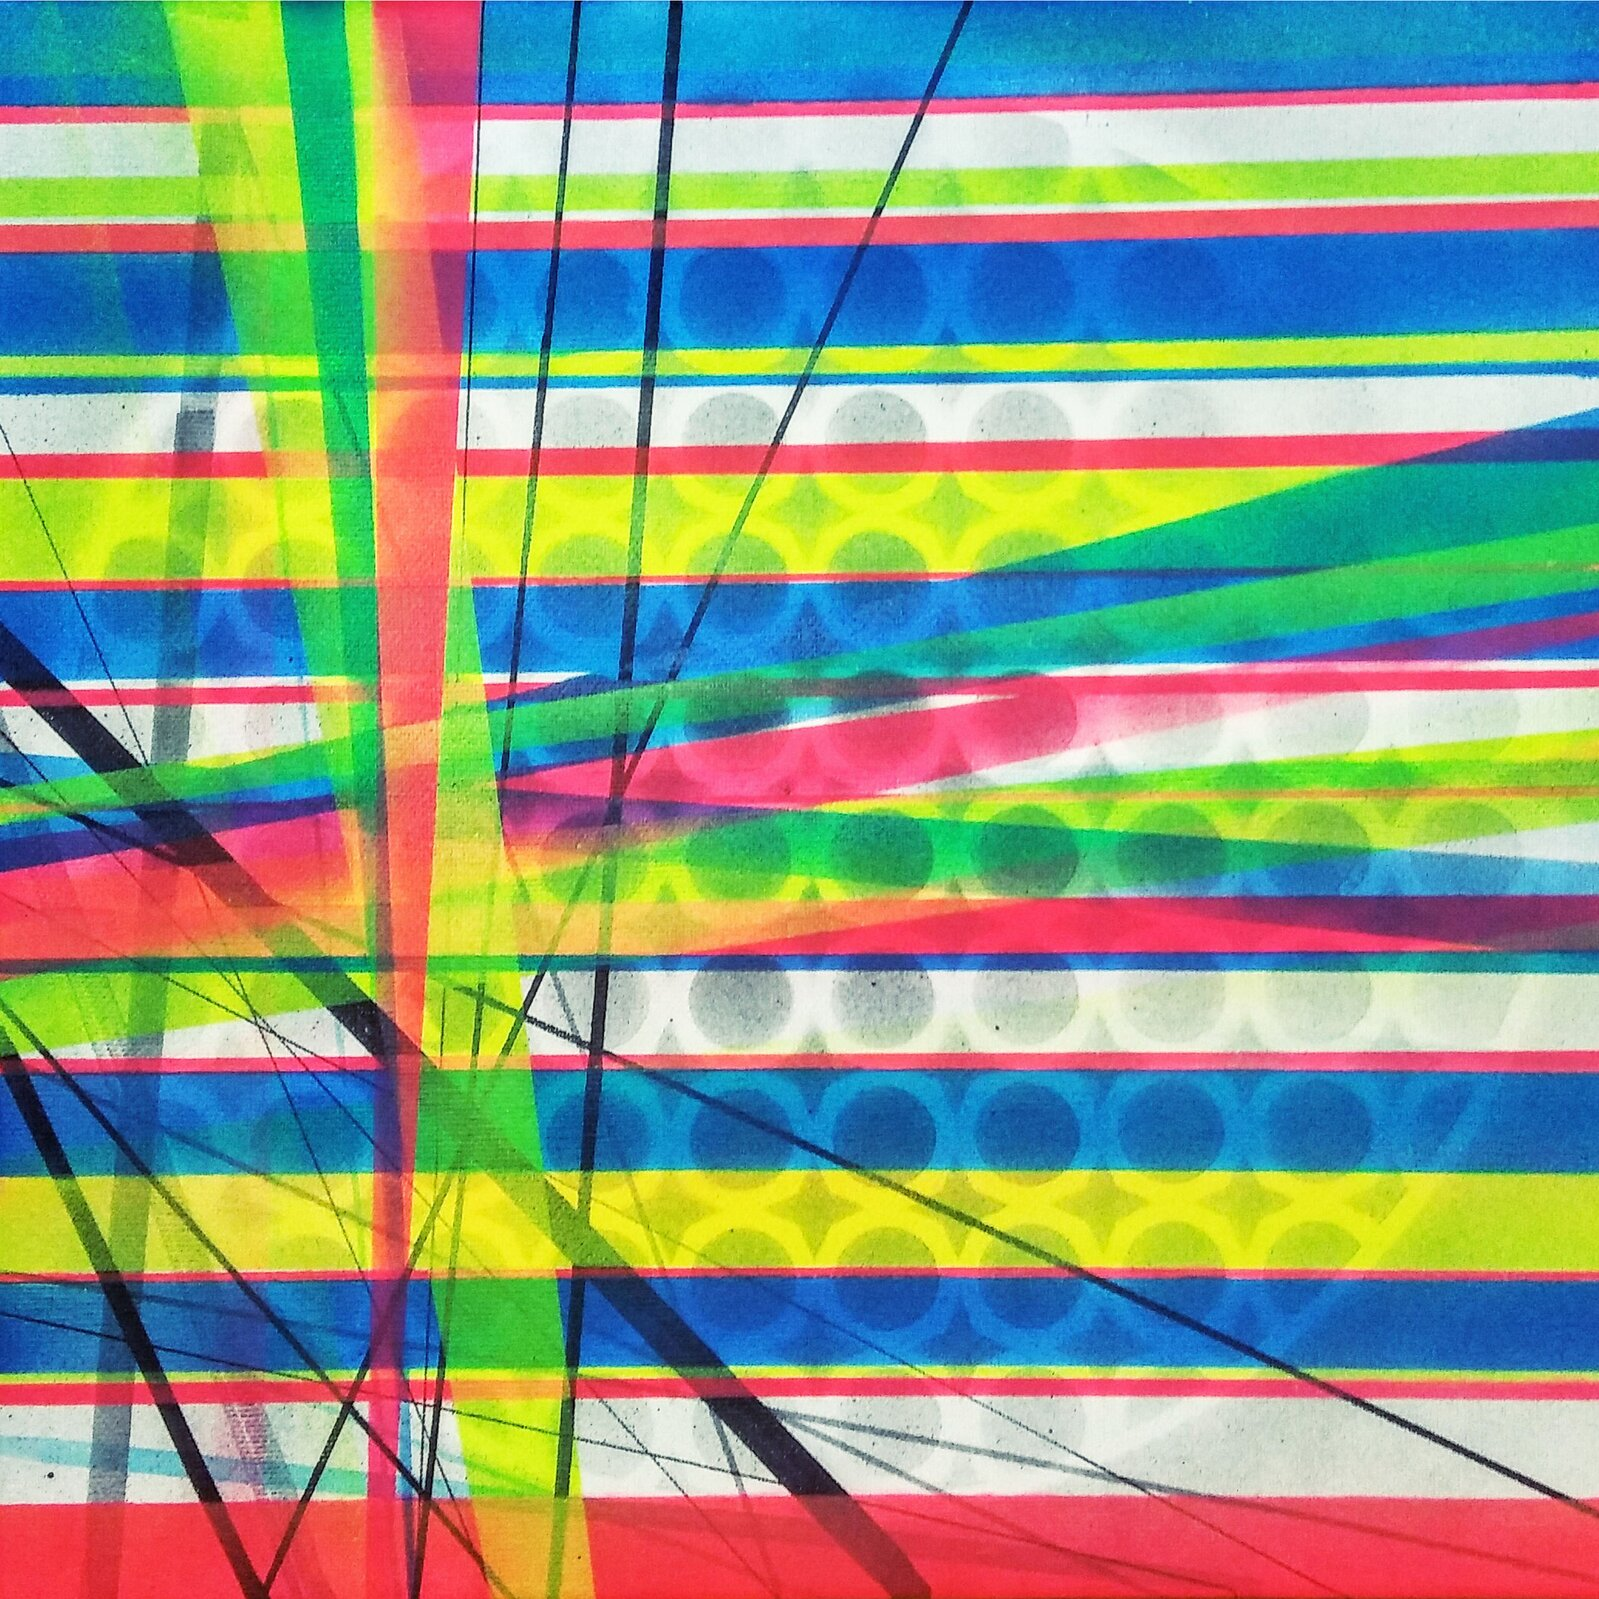 """Ilustracja przedstawia obraz """"city light 1"""" autorstwa Iwony Szpak. Abstrakcyjna kompozycja składa się zpoziomych różowych, niebieskich, szarych iżółtych pasów przez które przebija deseń białych kółek ułożonych na płaszczyźnie dużego koła. Pozioma kompozycja poprzecinana została skośnymi różowymi, zielonymi, niebieskimi iczarnymi liniami oróżnej grubości co wraz zjaskrawością barw nadaje obrazowi wrażenie dynamiki. Praca została wykonana wtechnice spray na płótnie."""